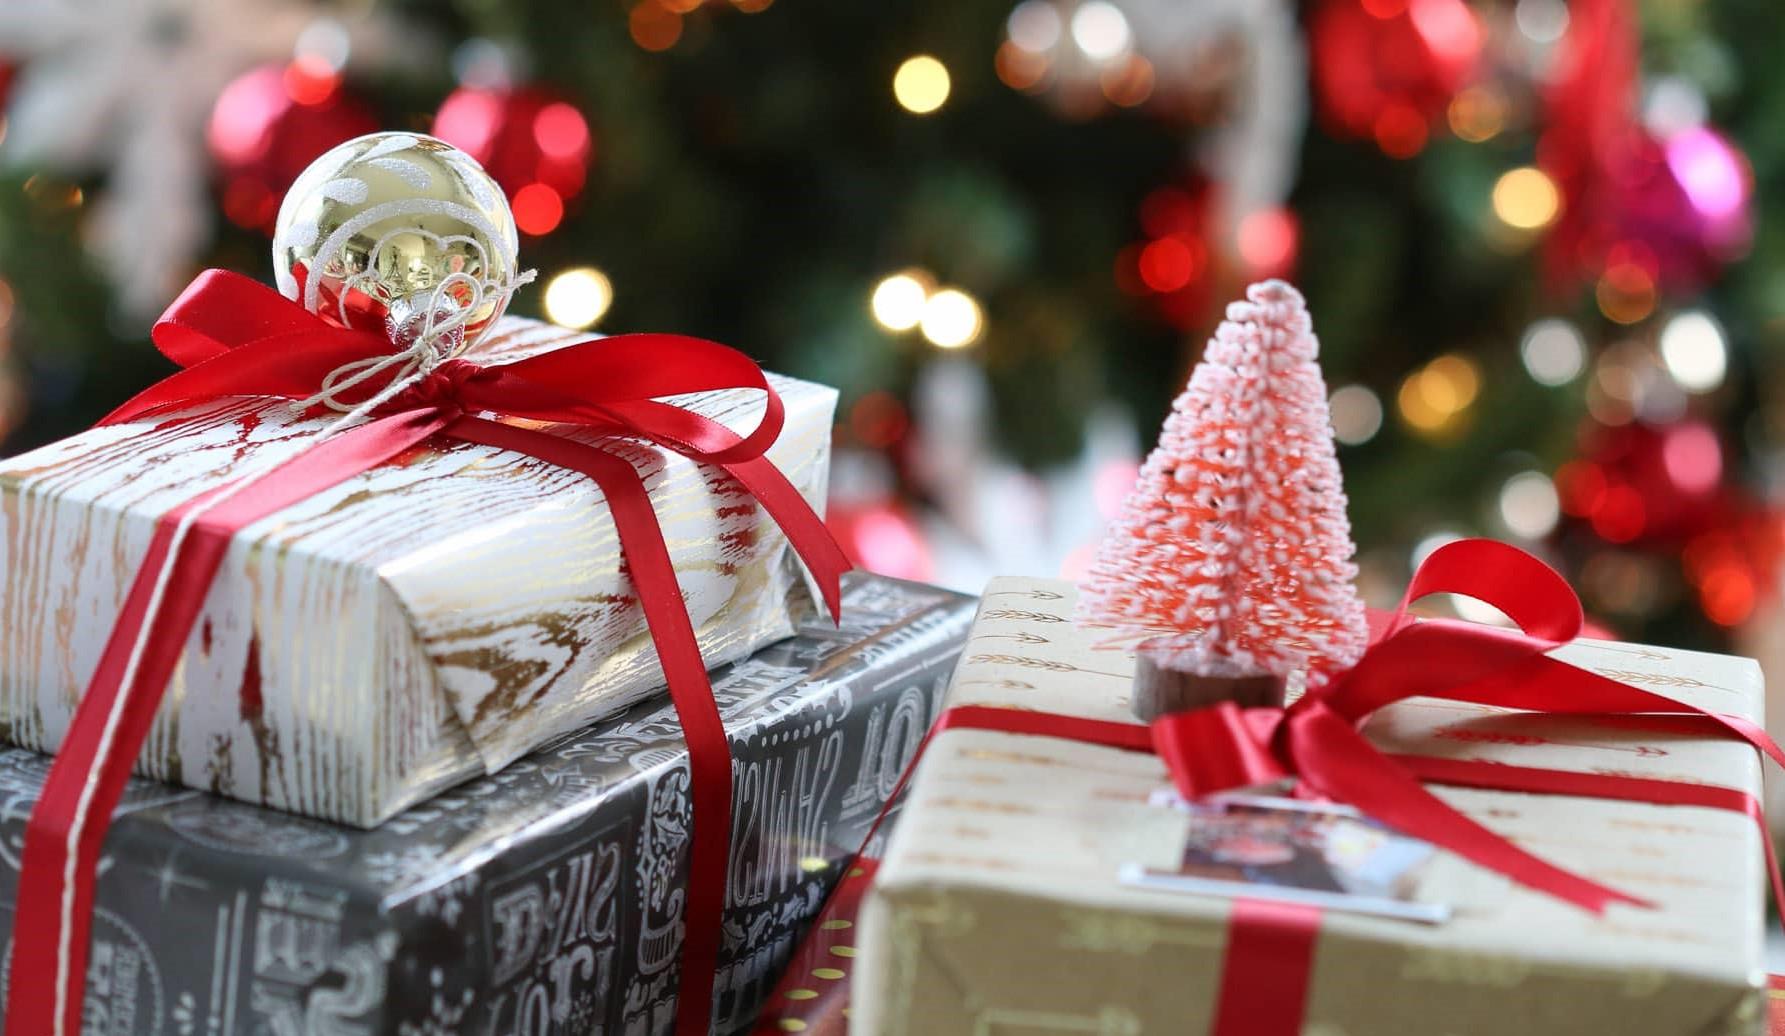 Soyez créatifs lorque vous emballez les cadeaux.